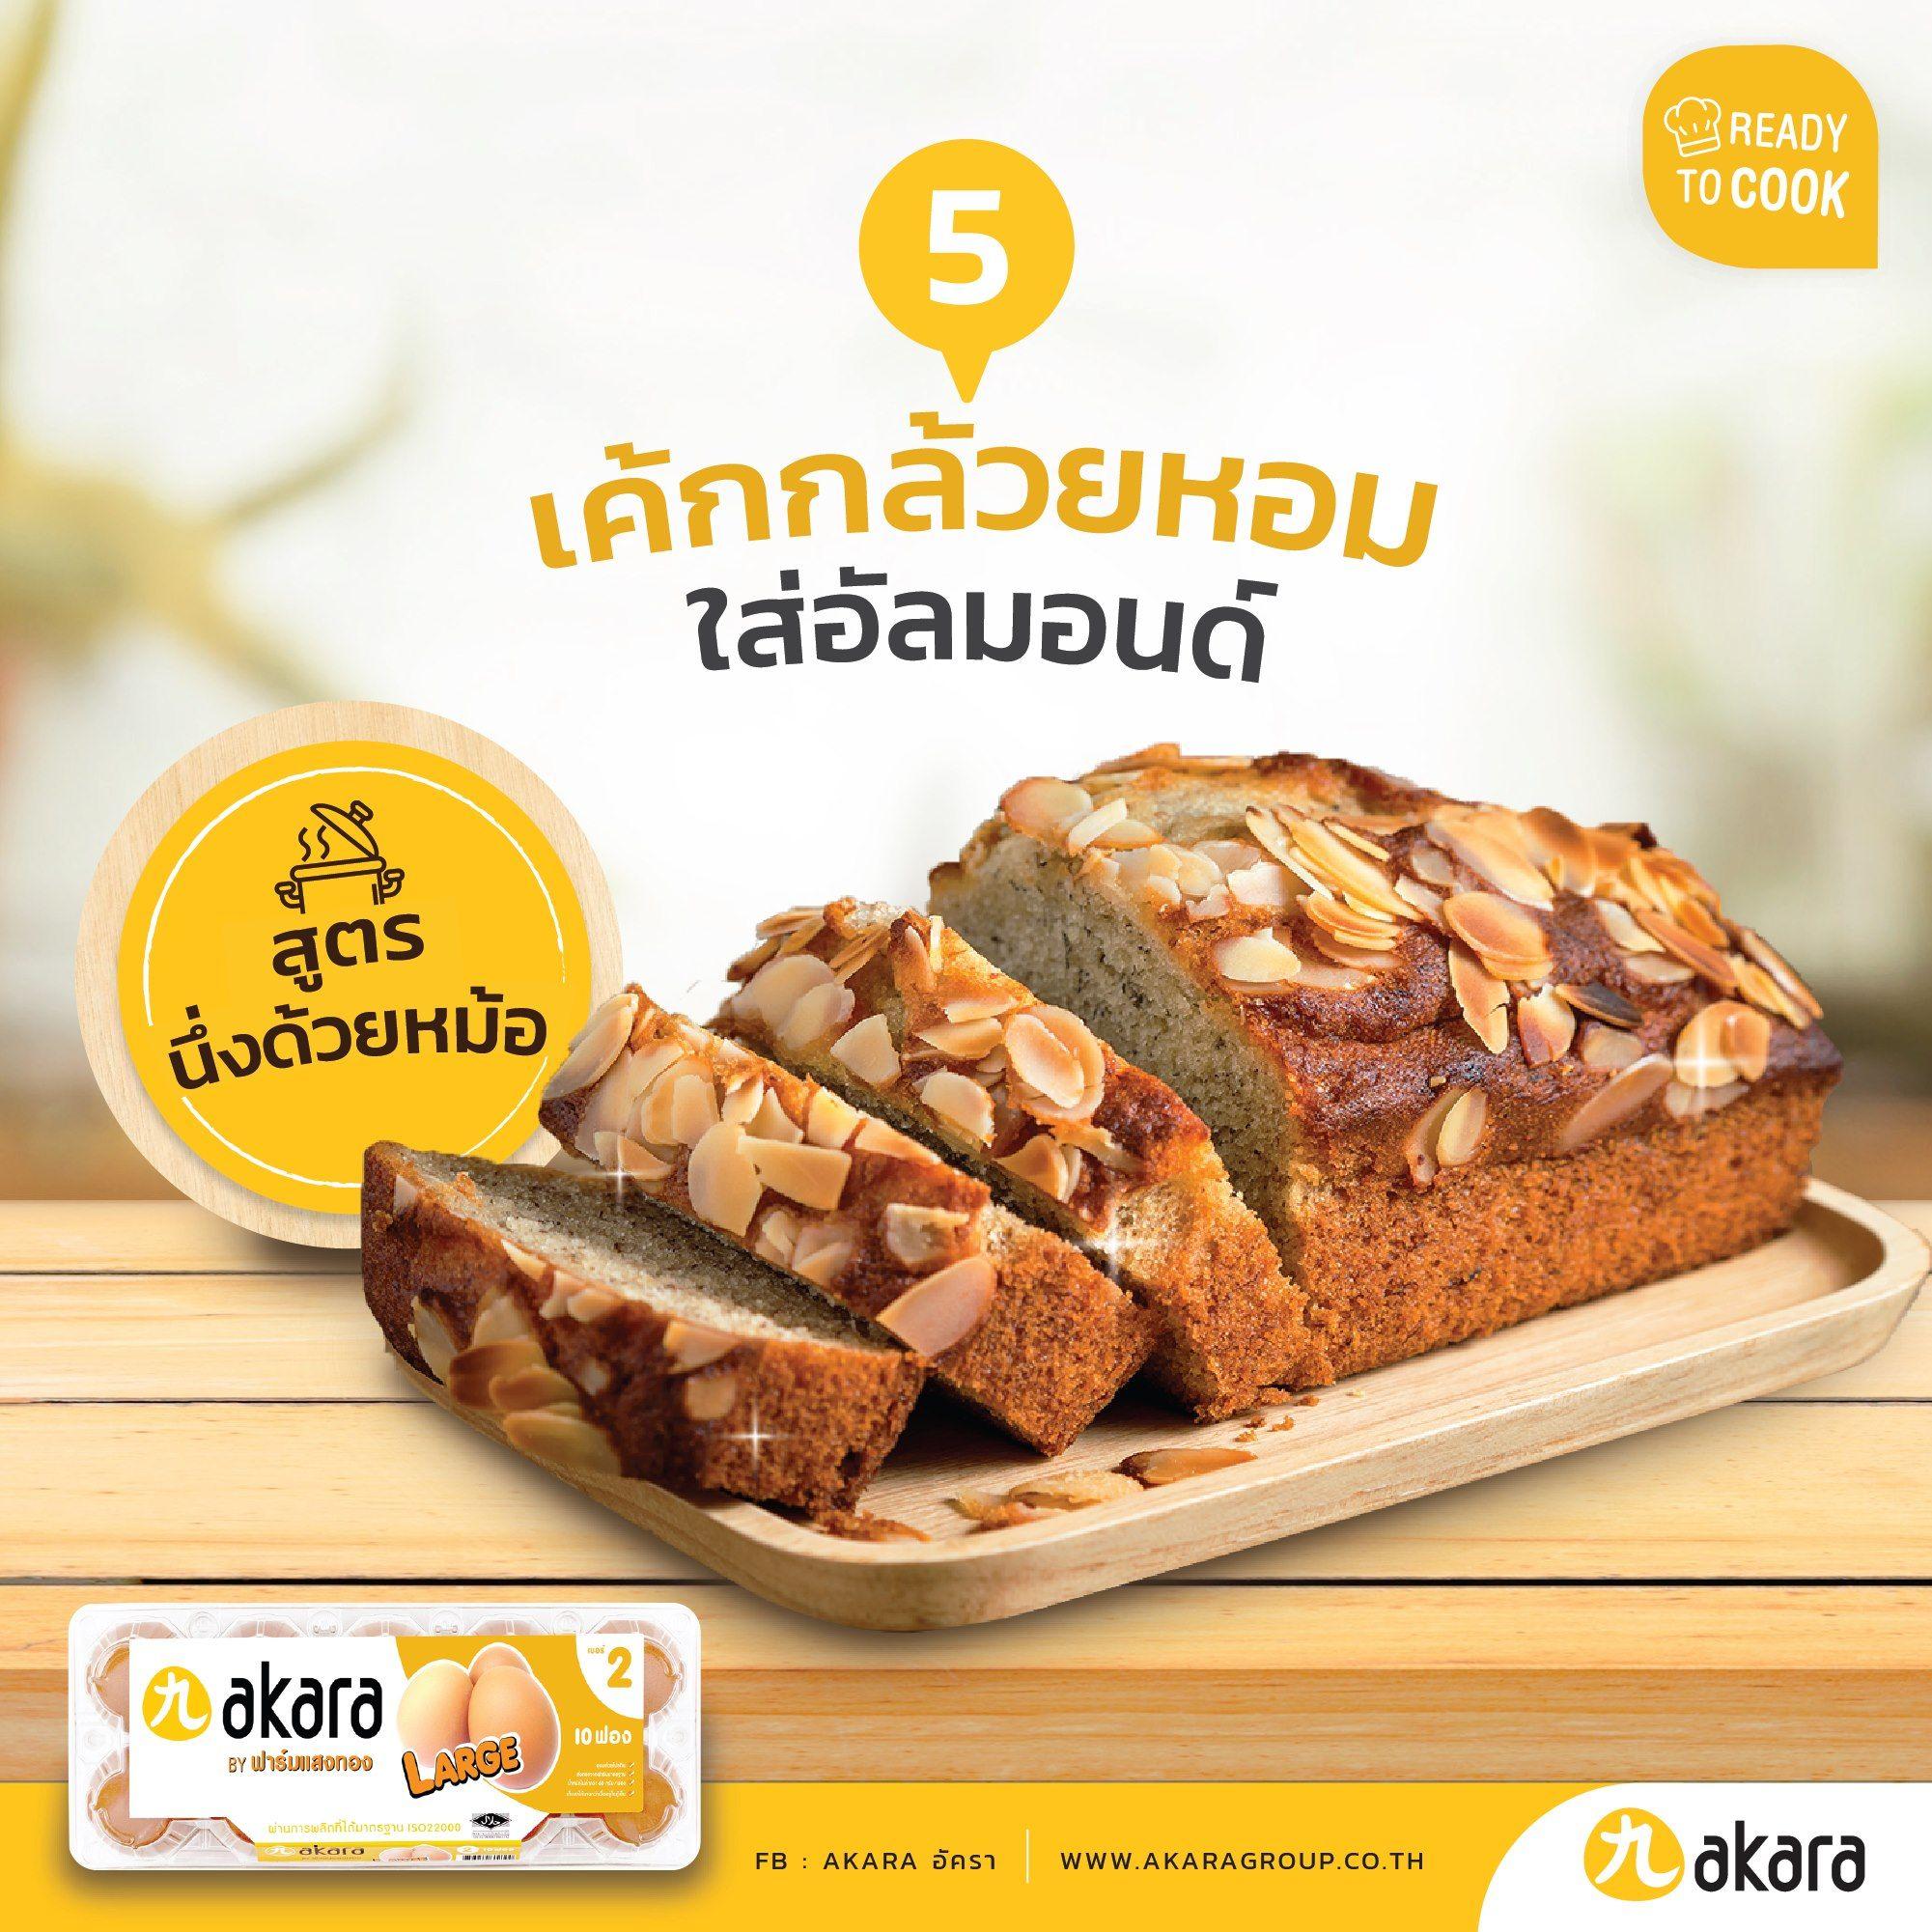 เค กกล วยหอม ทำได แค ม กระทะ Banana Cake Food Desserts Cooking